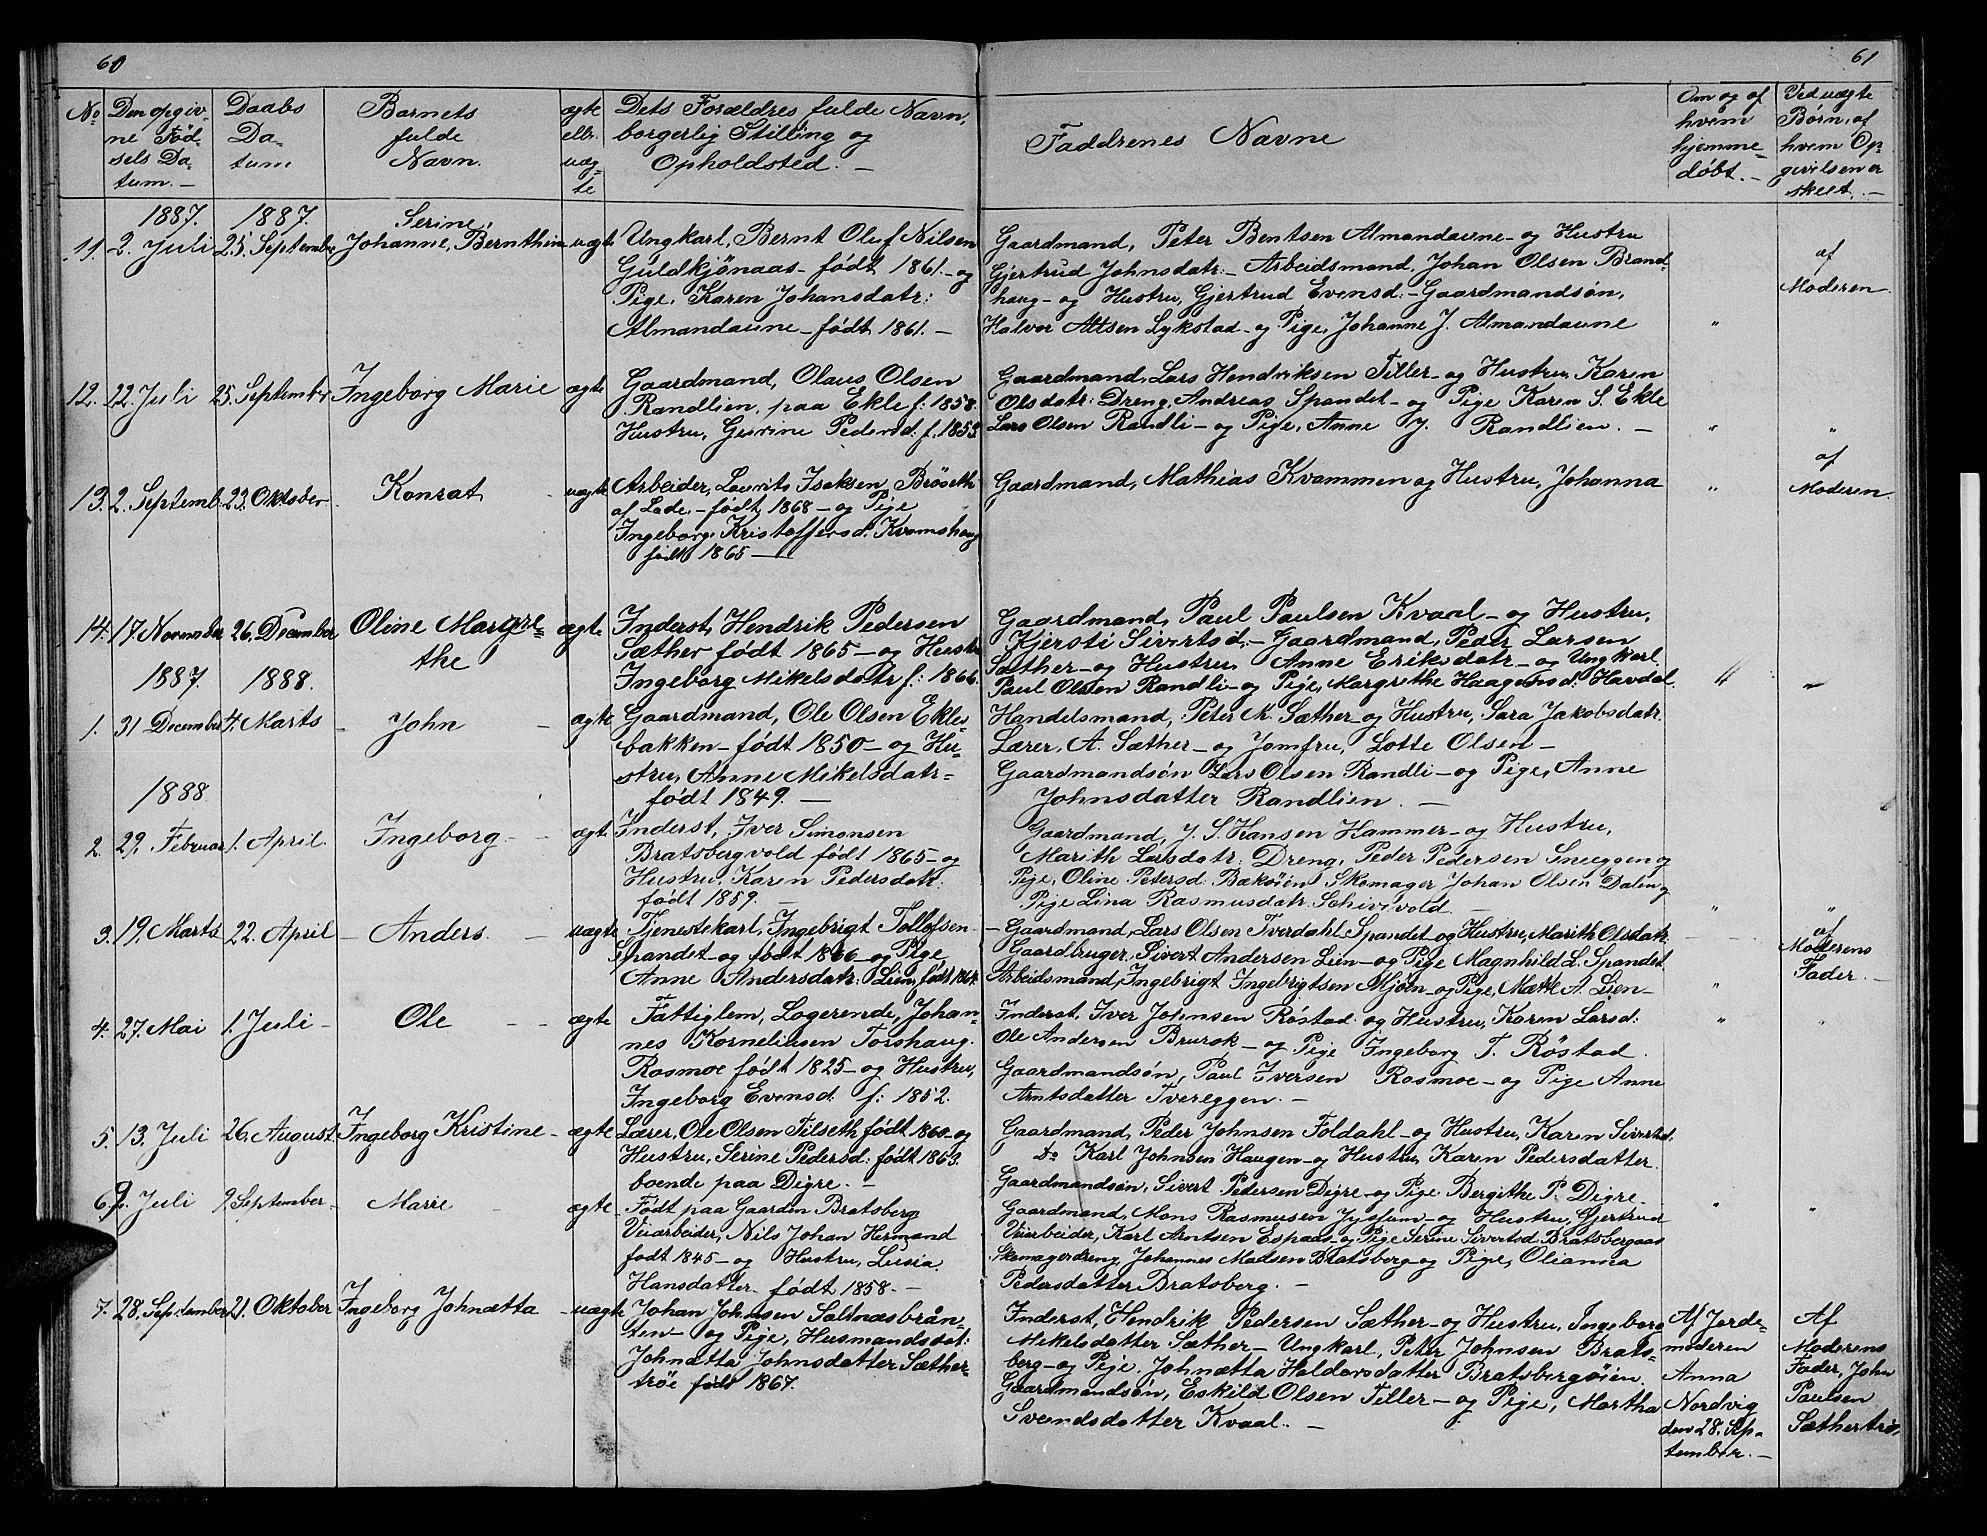 SAT, Ministerialprotokoller, klokkerbøker og fødselsregistre - Sør-Trøndelag, 608/L0340: Klokkerbok nr. 608C06, 1864-1889, s. 60-61